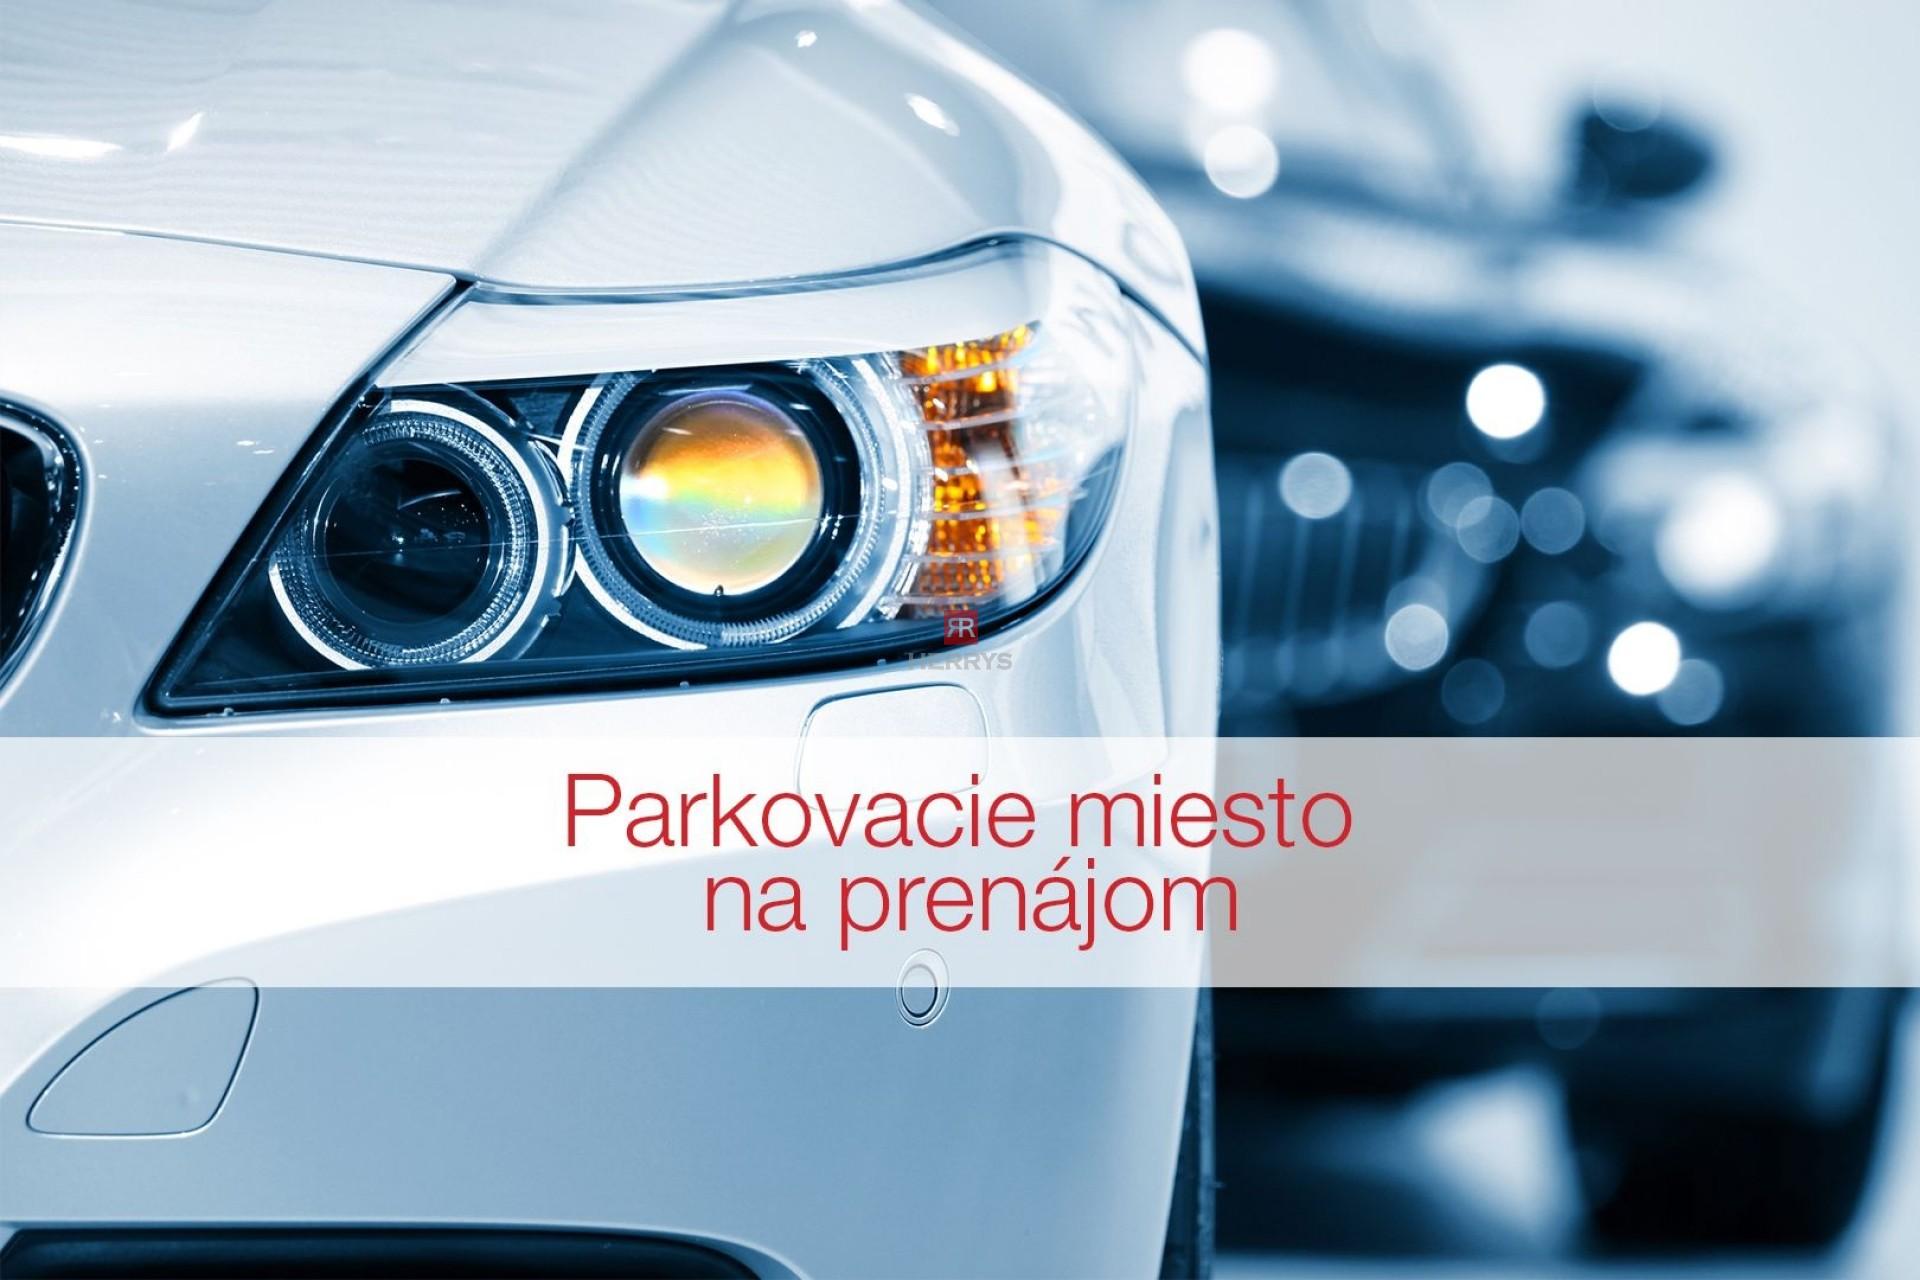 HERRYS, Na prenájom veľké parkovacie miesto aj so skladovým priestorom v projekte City Park v Ružinove